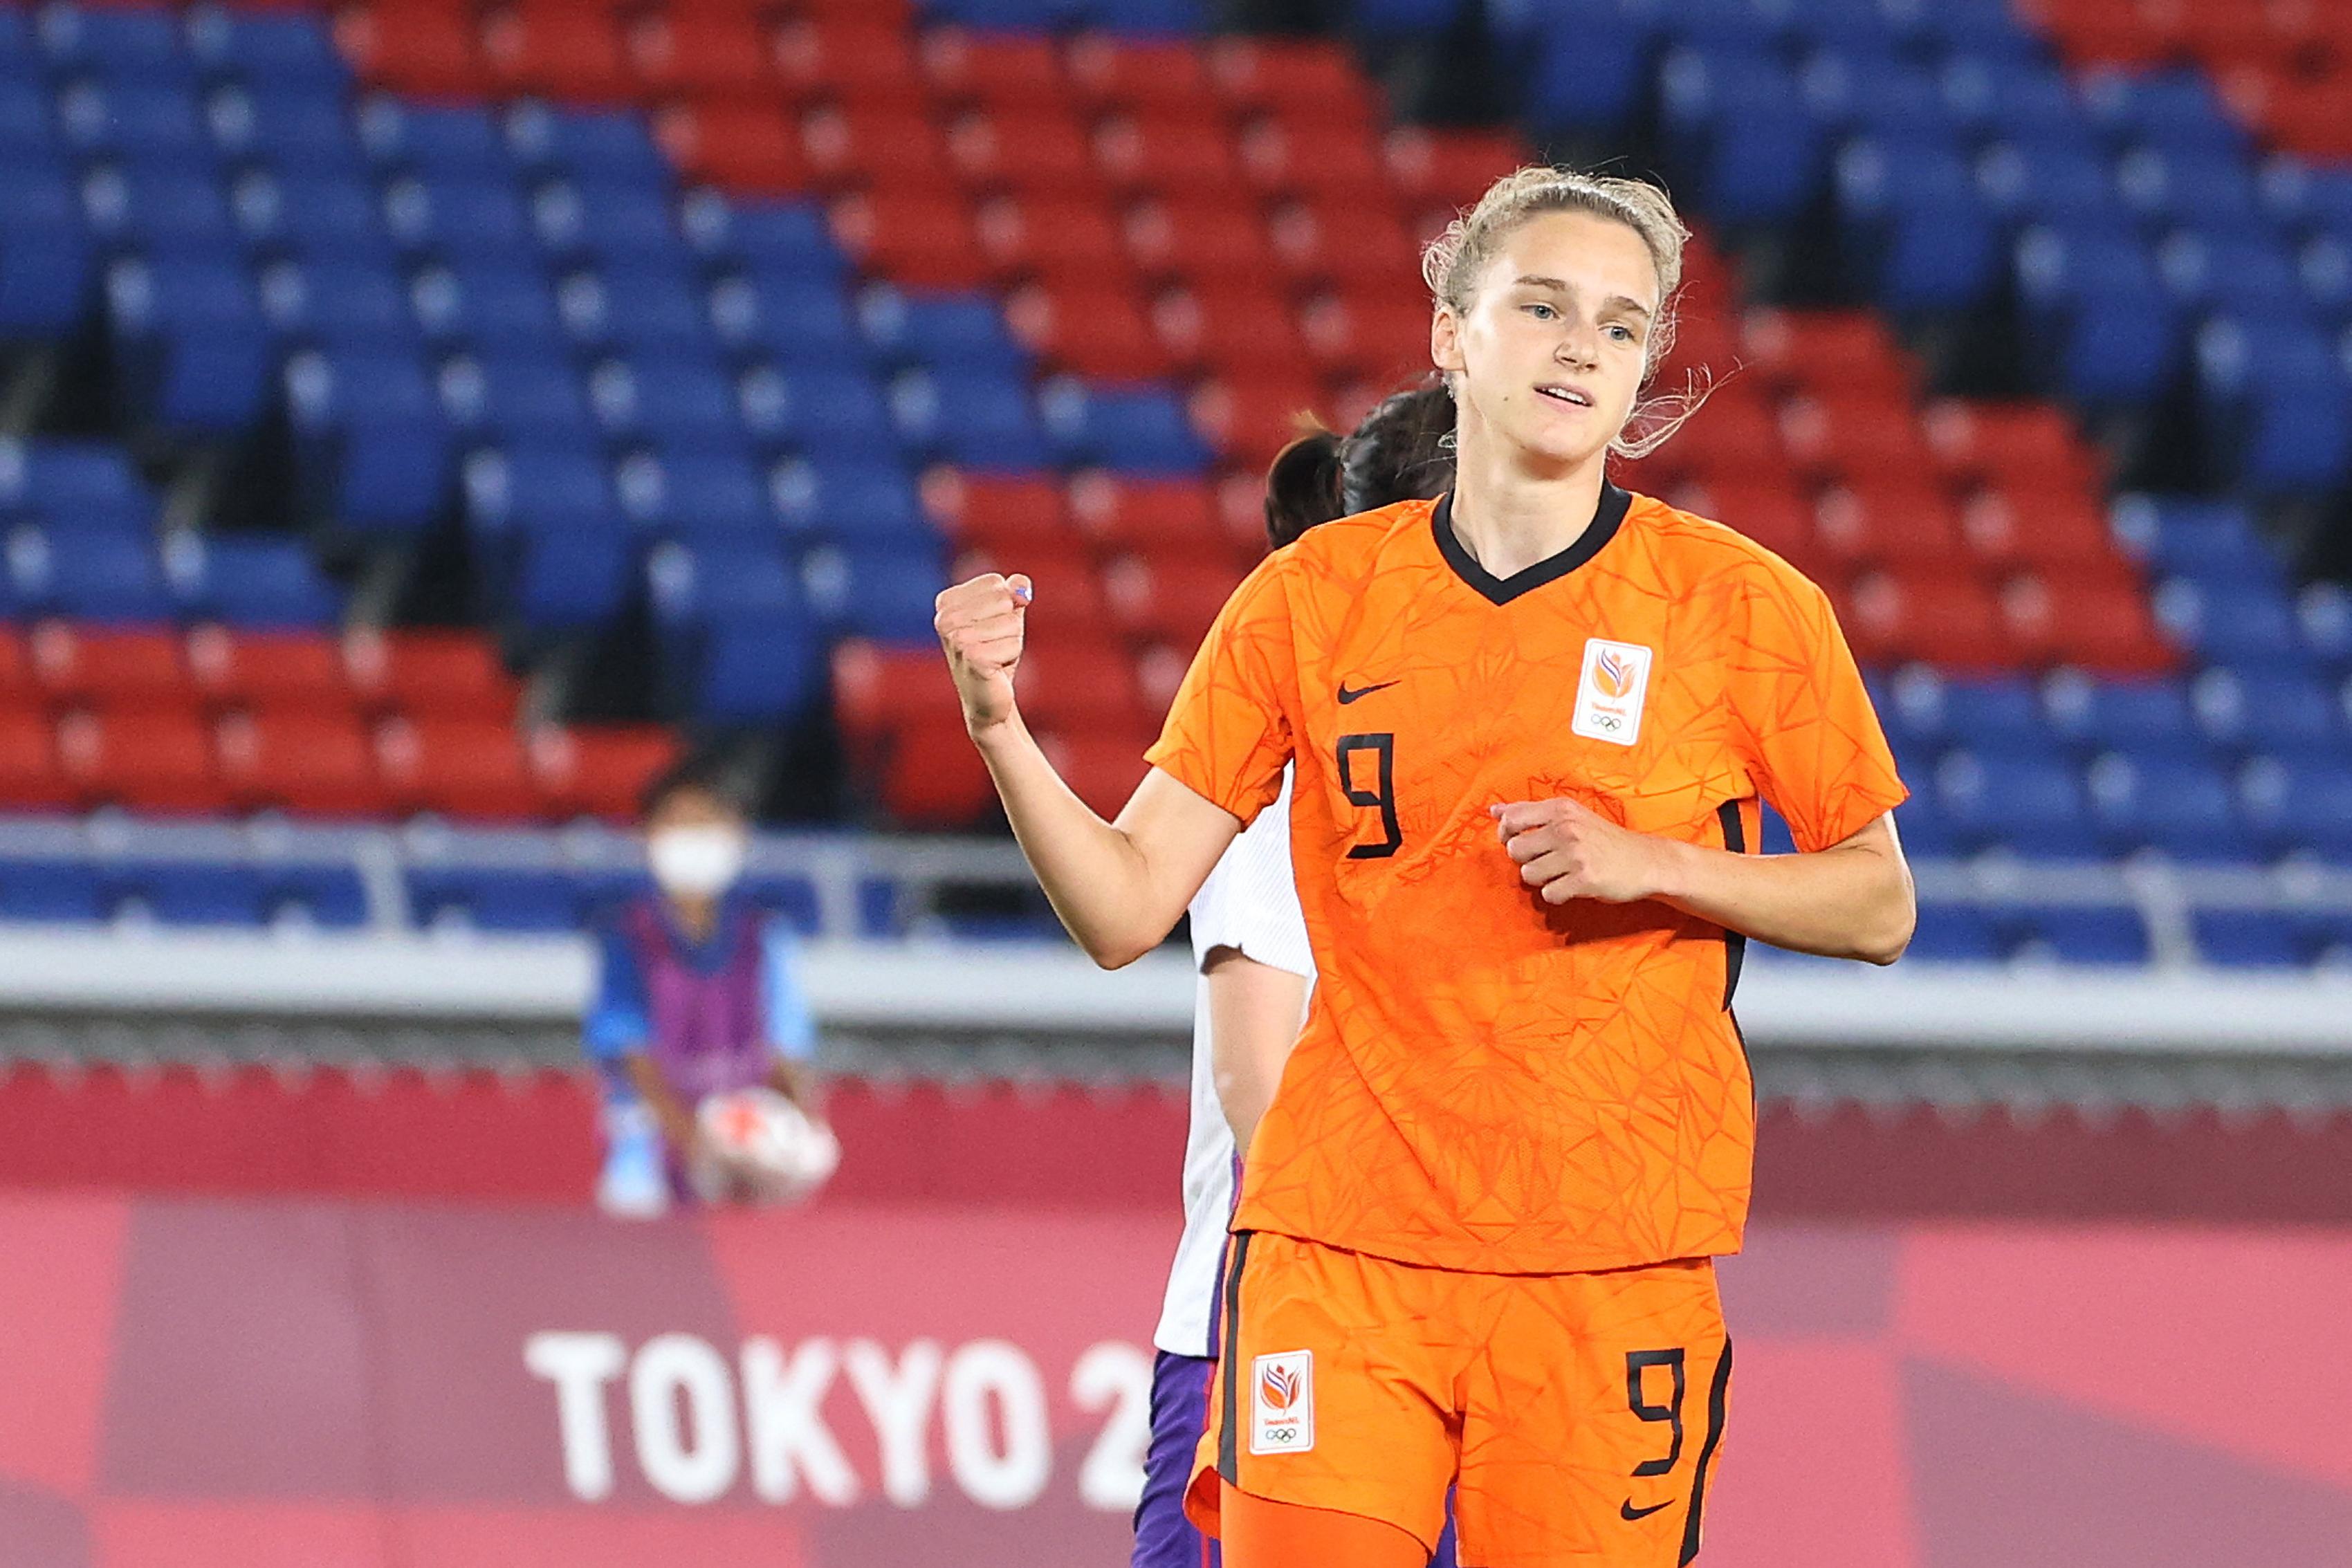 Kritiek Op Nos Reclame En Hockey Gaan Voor Oranje Leeuwinnen